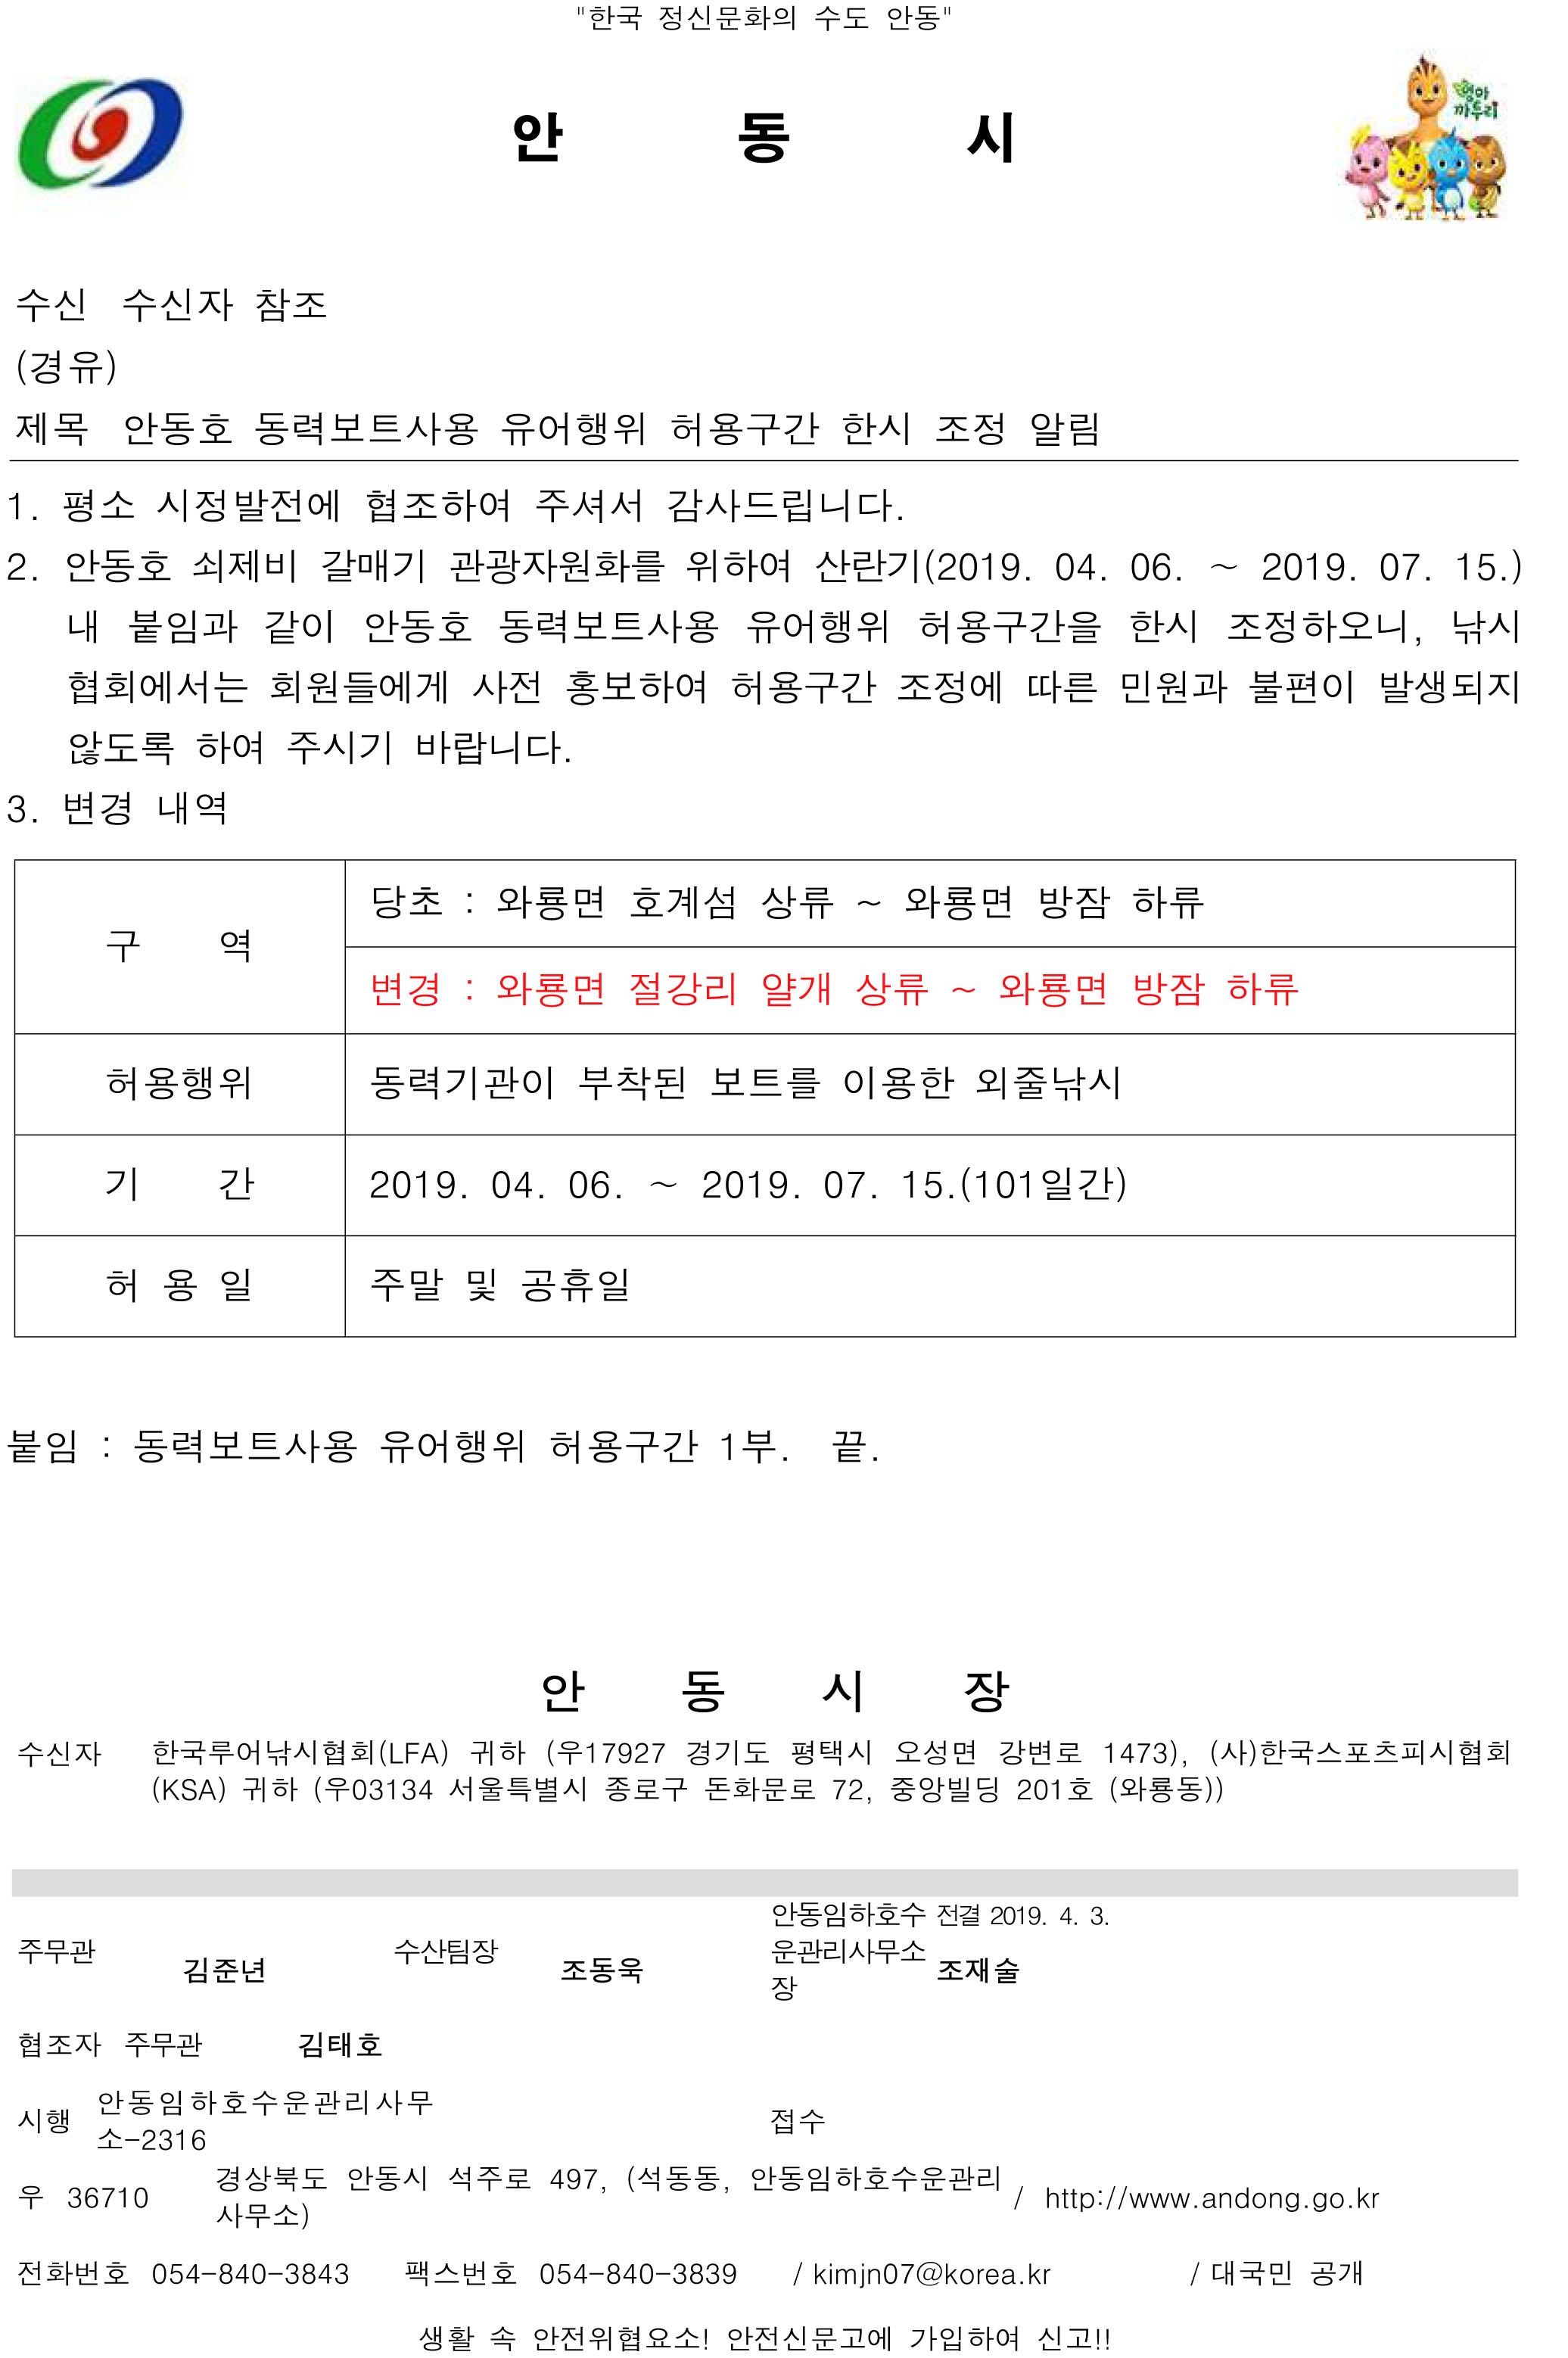 안동호 동력보트사용 유어행위 허용구간 한시 조정 알림.jpg